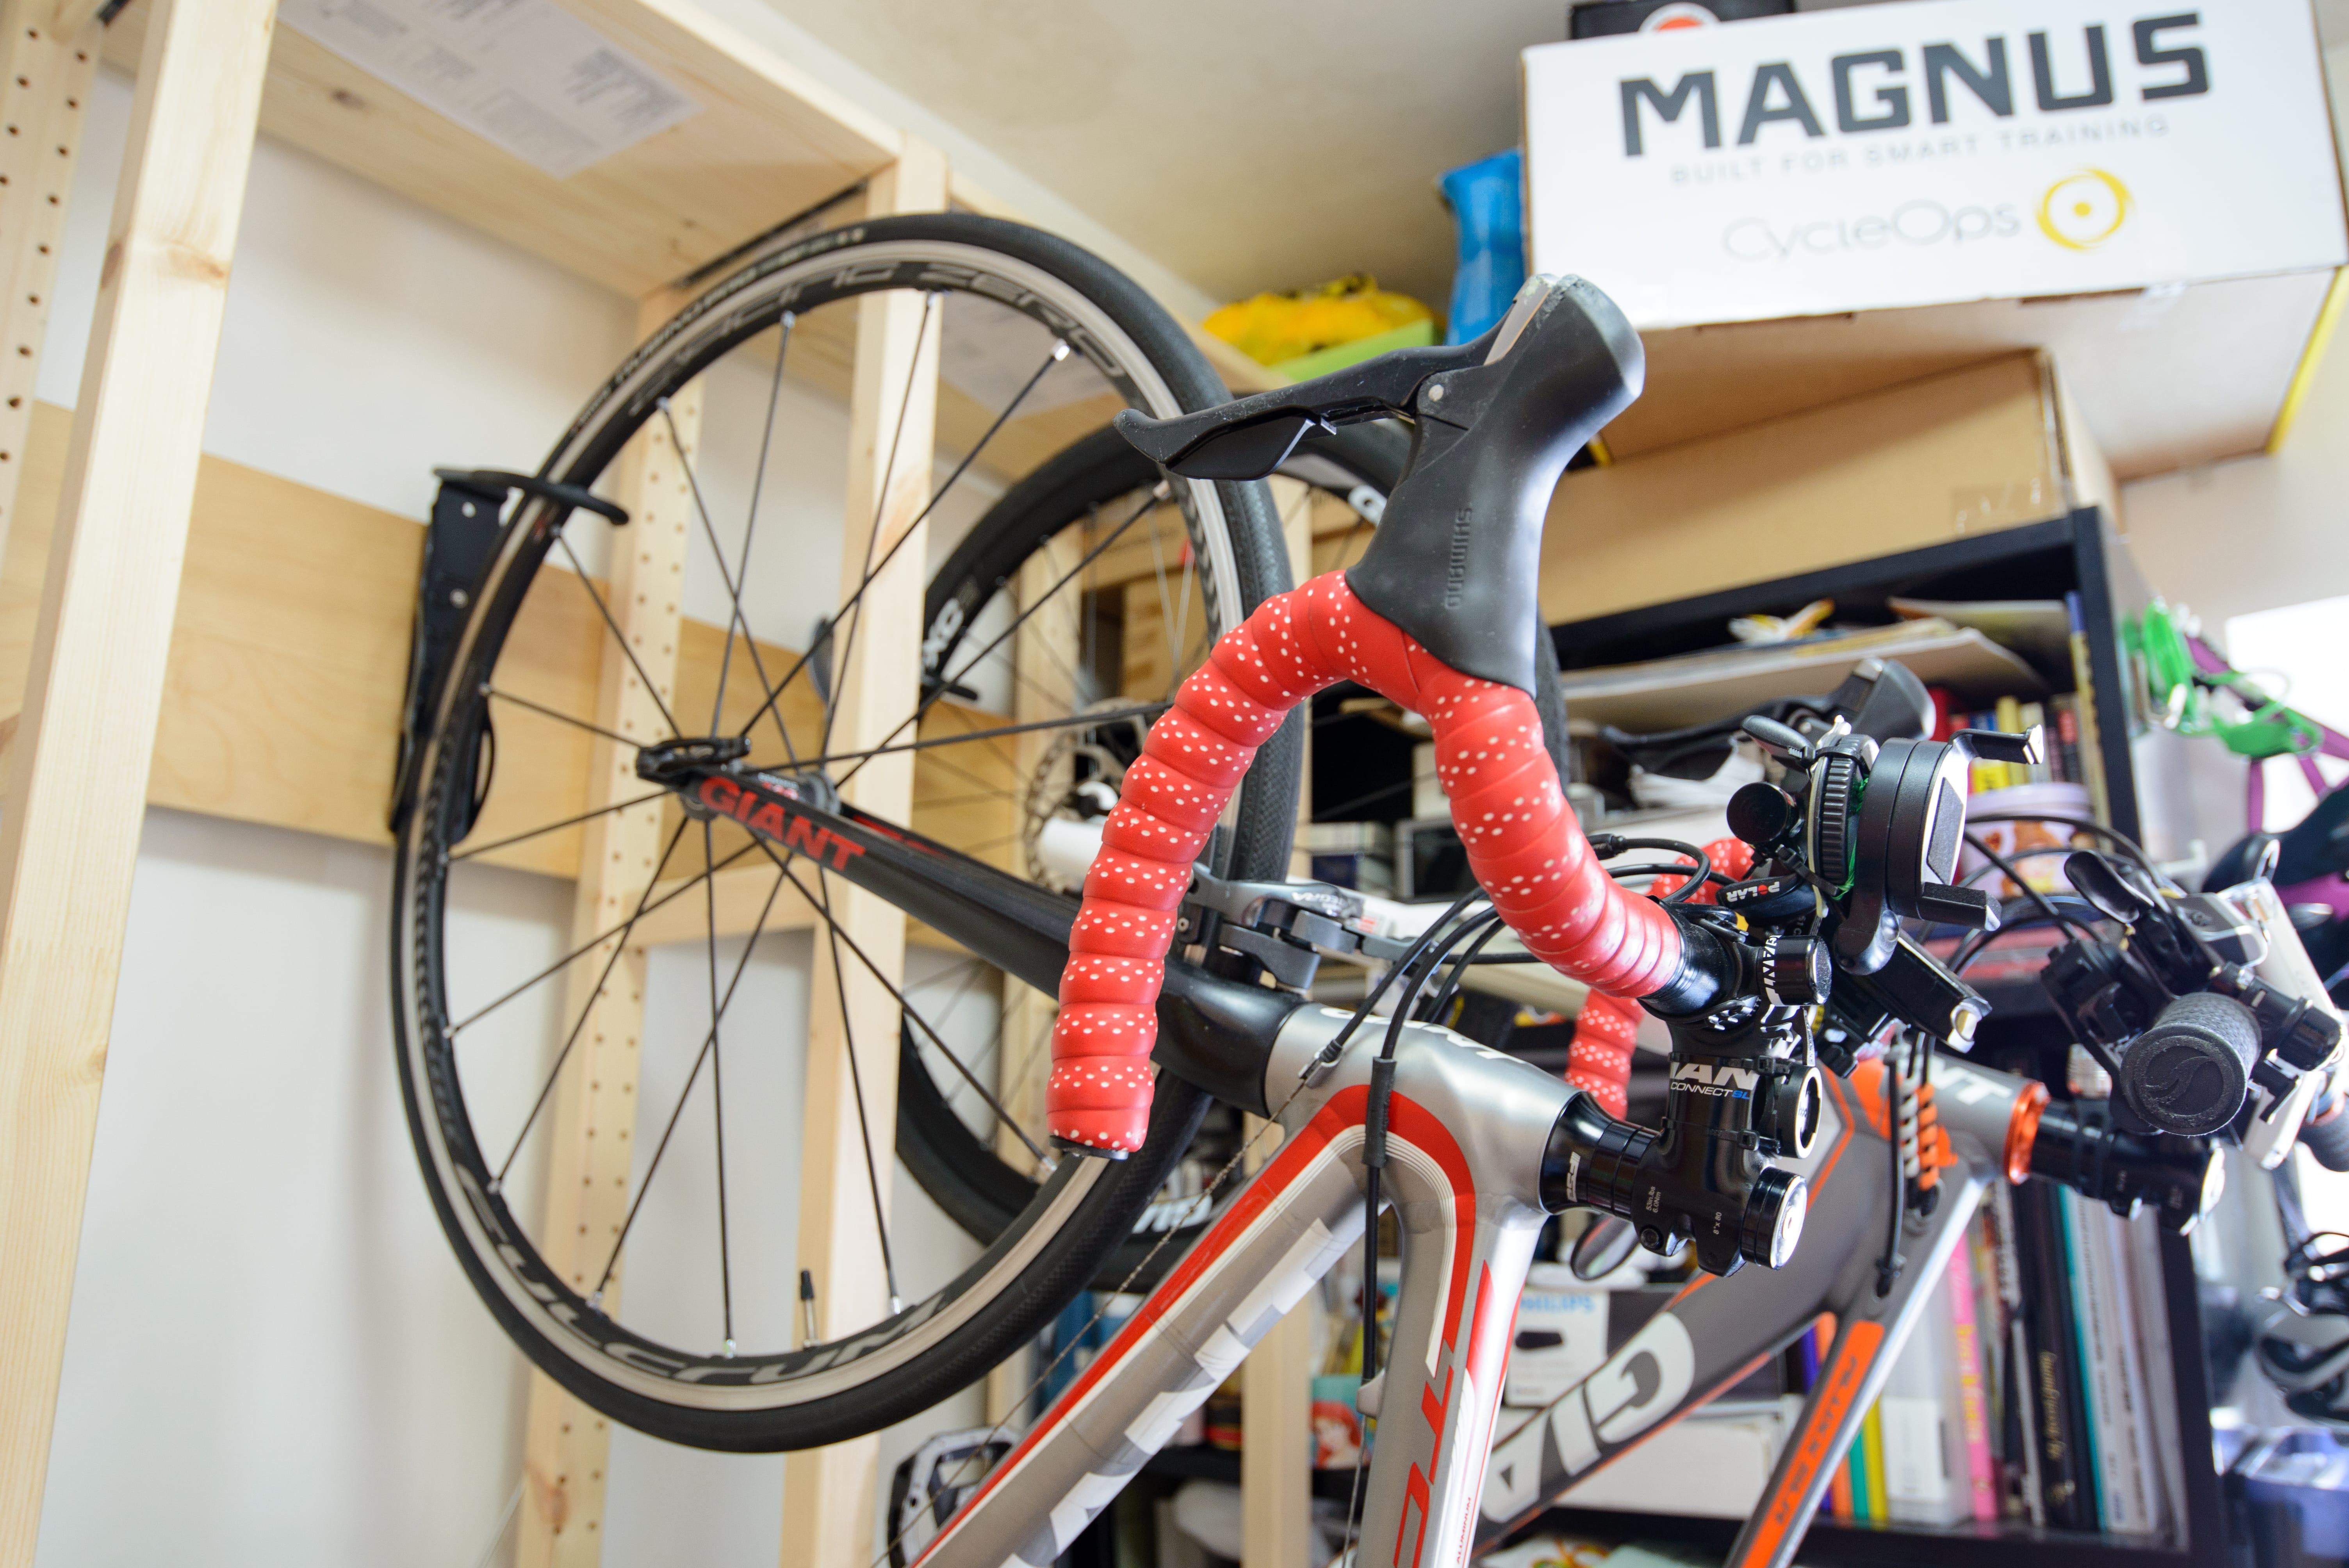 DIY Bike Rack - Close-Up view